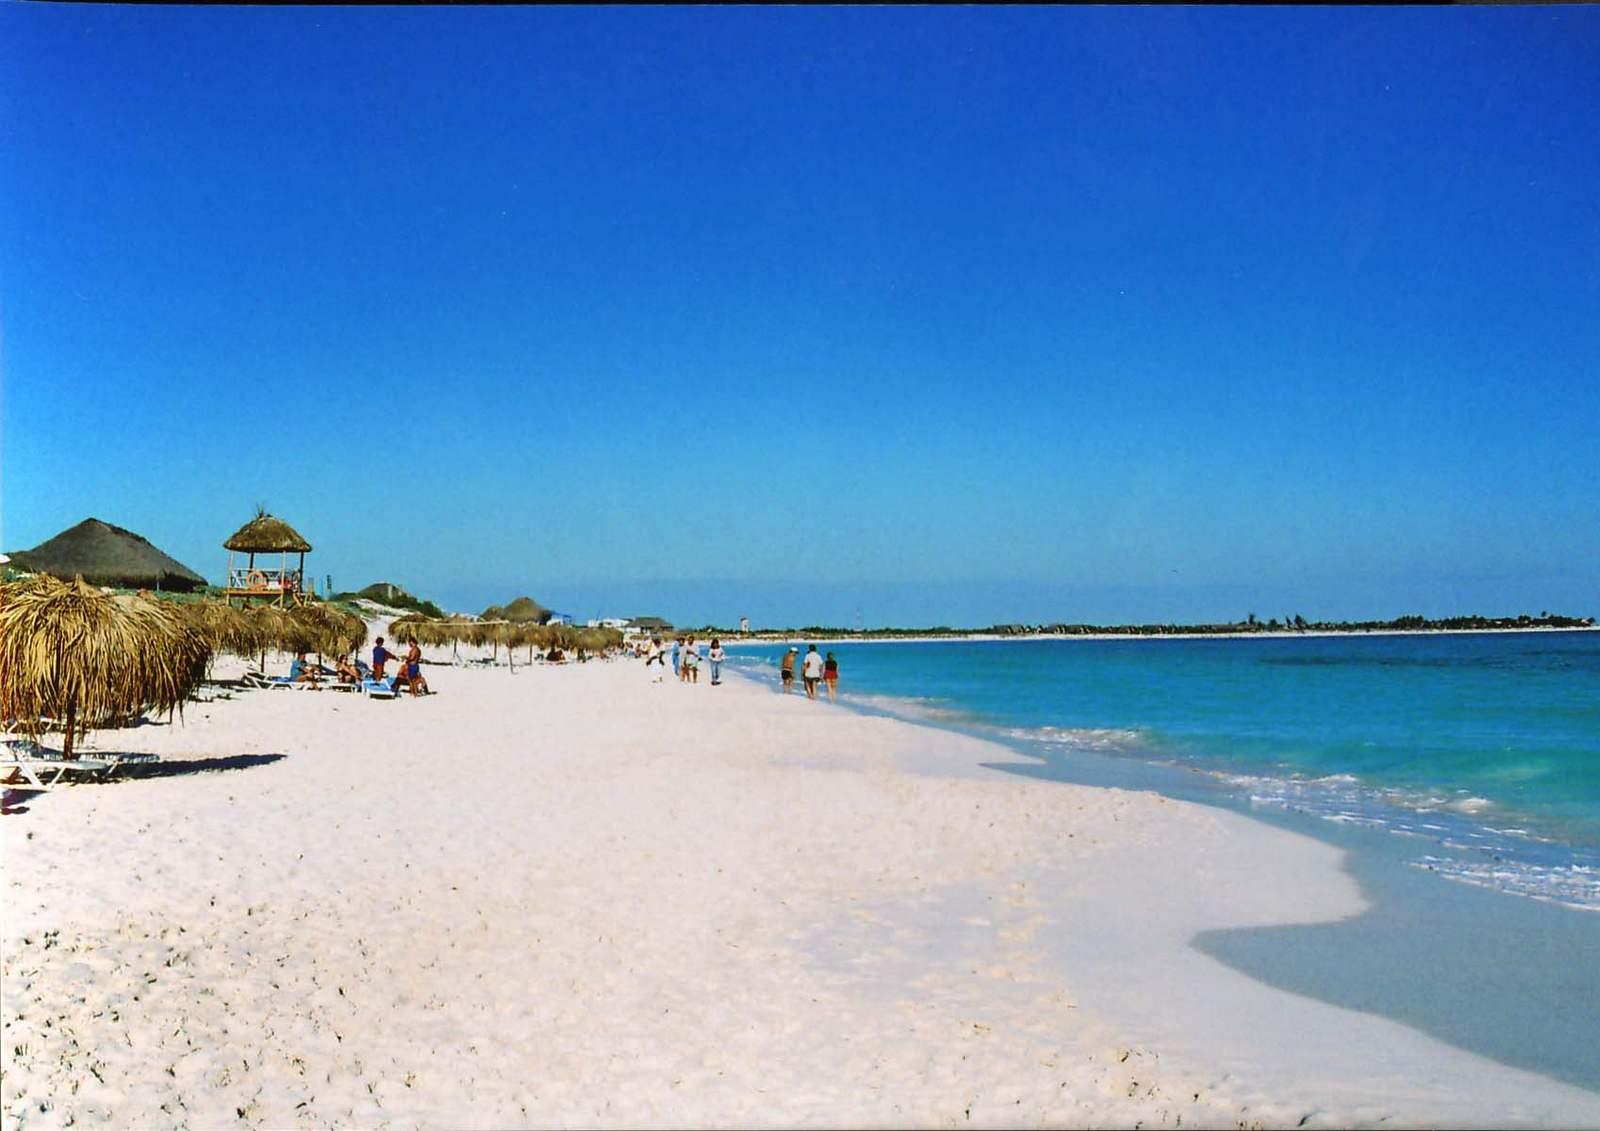 Cuba Spiaggia Programmi TV stasera su La TV Dei Viaggi canale online in streaming video gratis